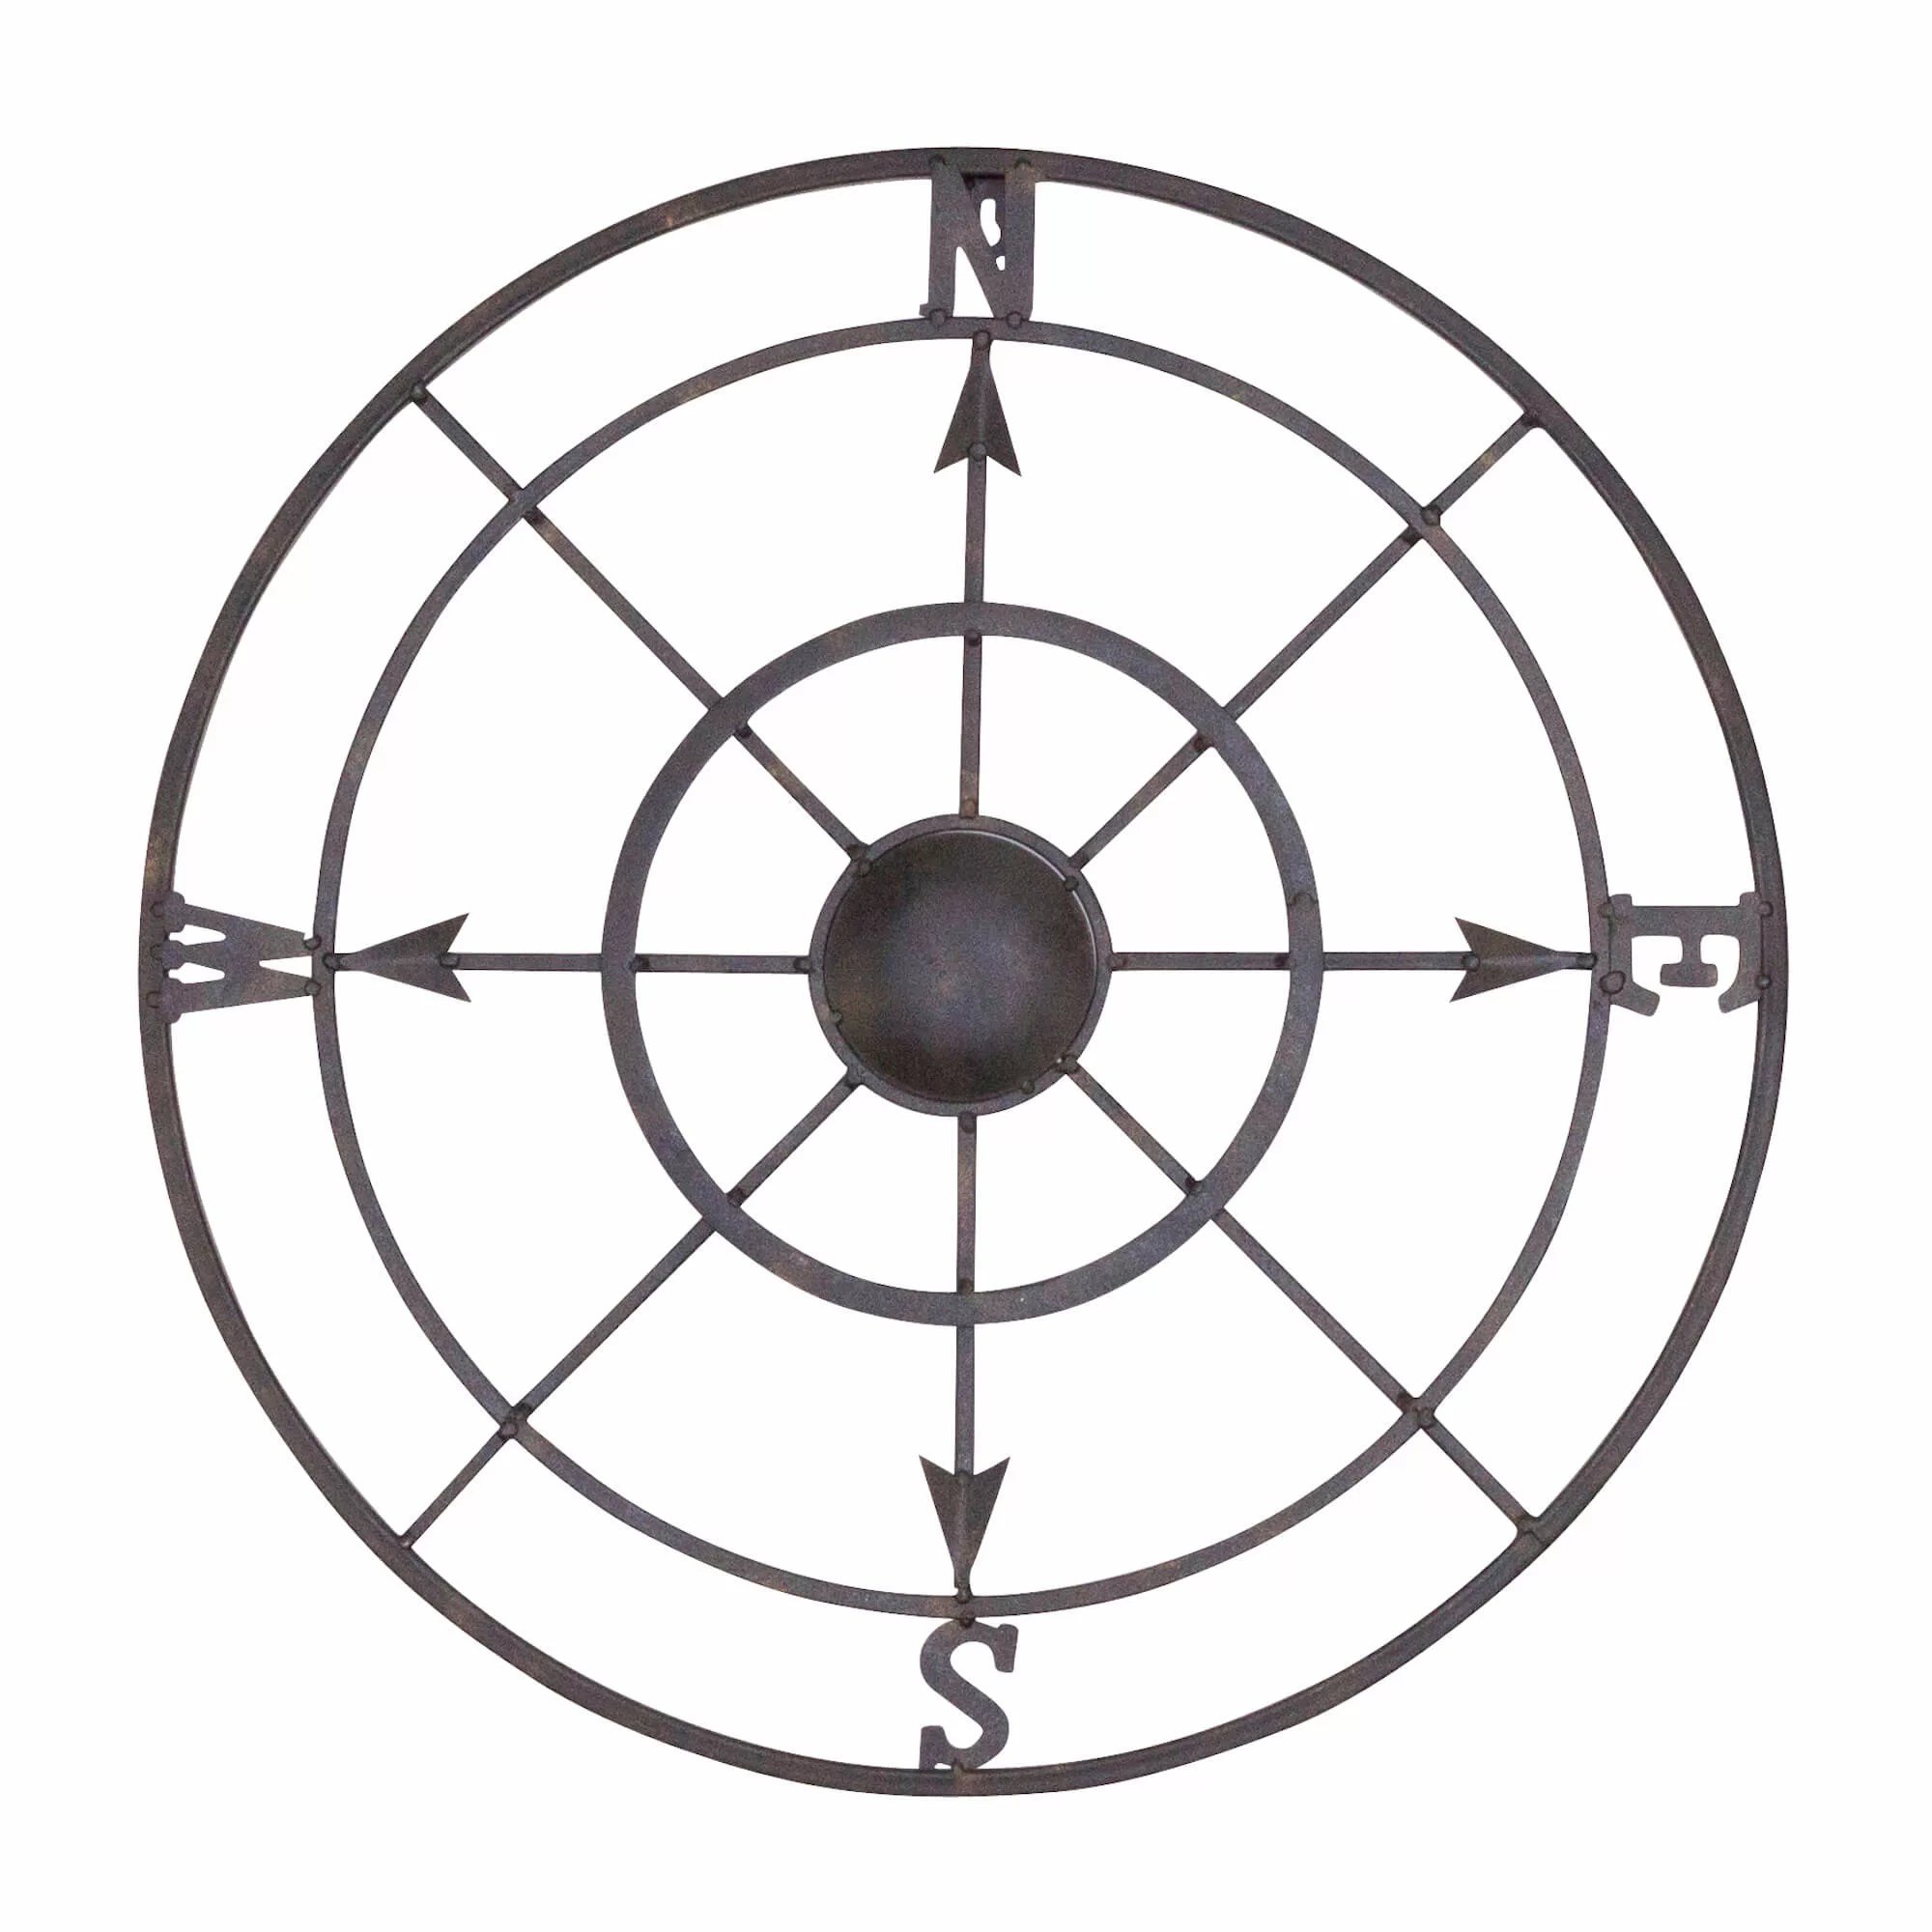 Bayaccents Nautical Metal Compass Rose Wall Decor